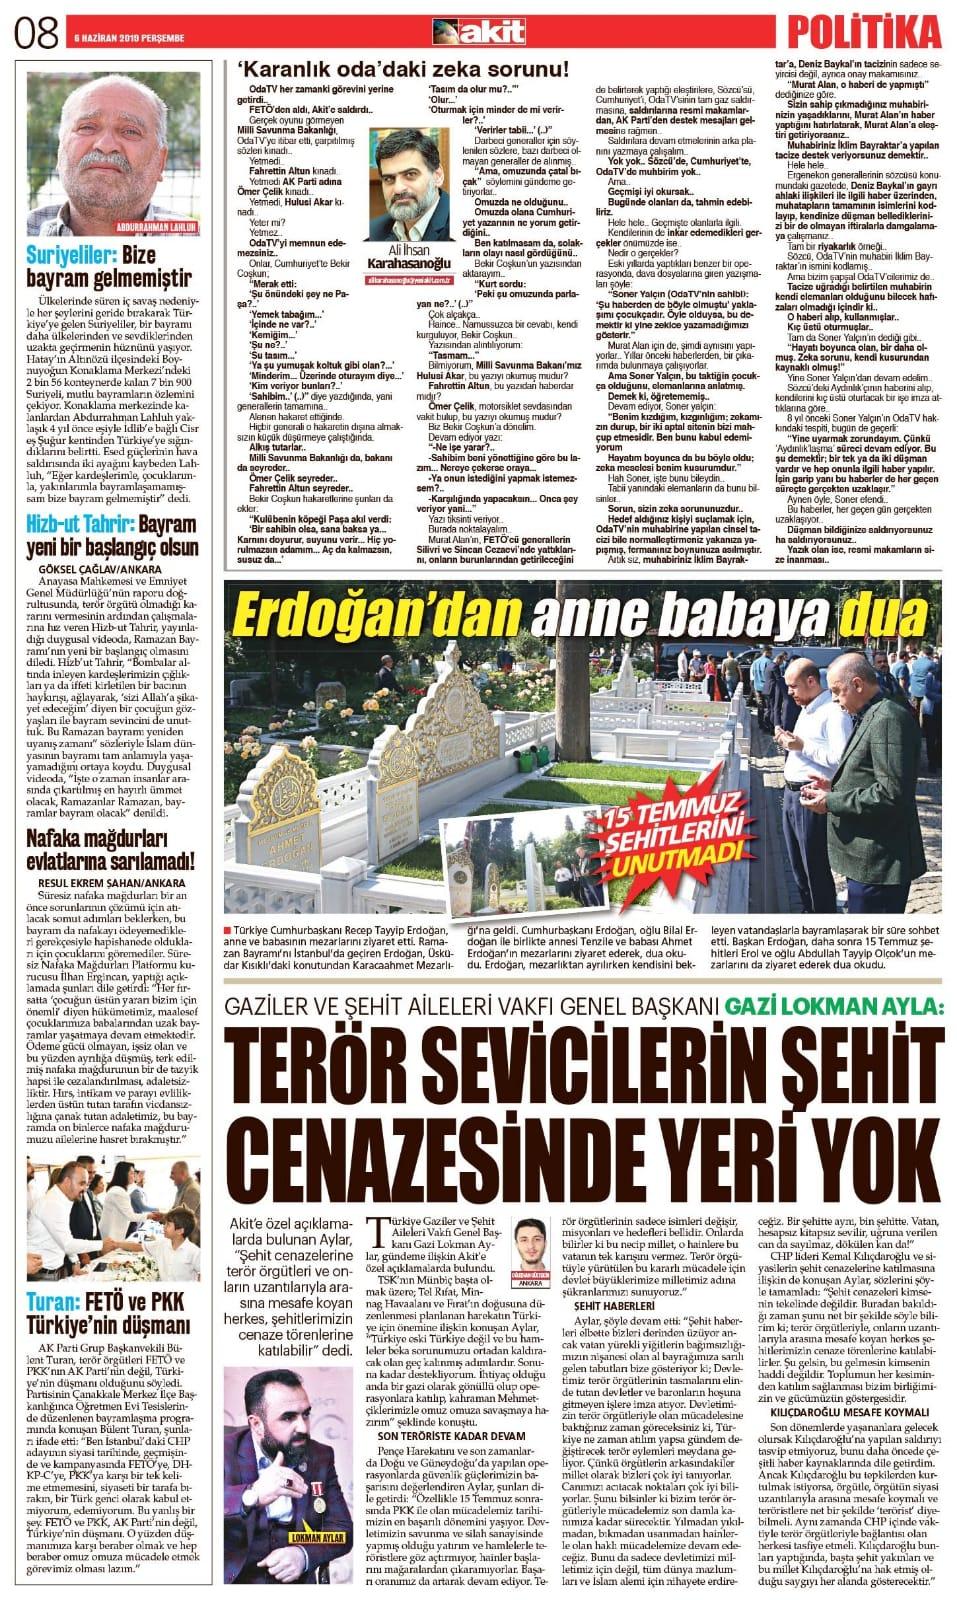 Terör sevicilerin şehit cenazelerinde yeri yok Yeni Akit Gazetesi 05.06.2019